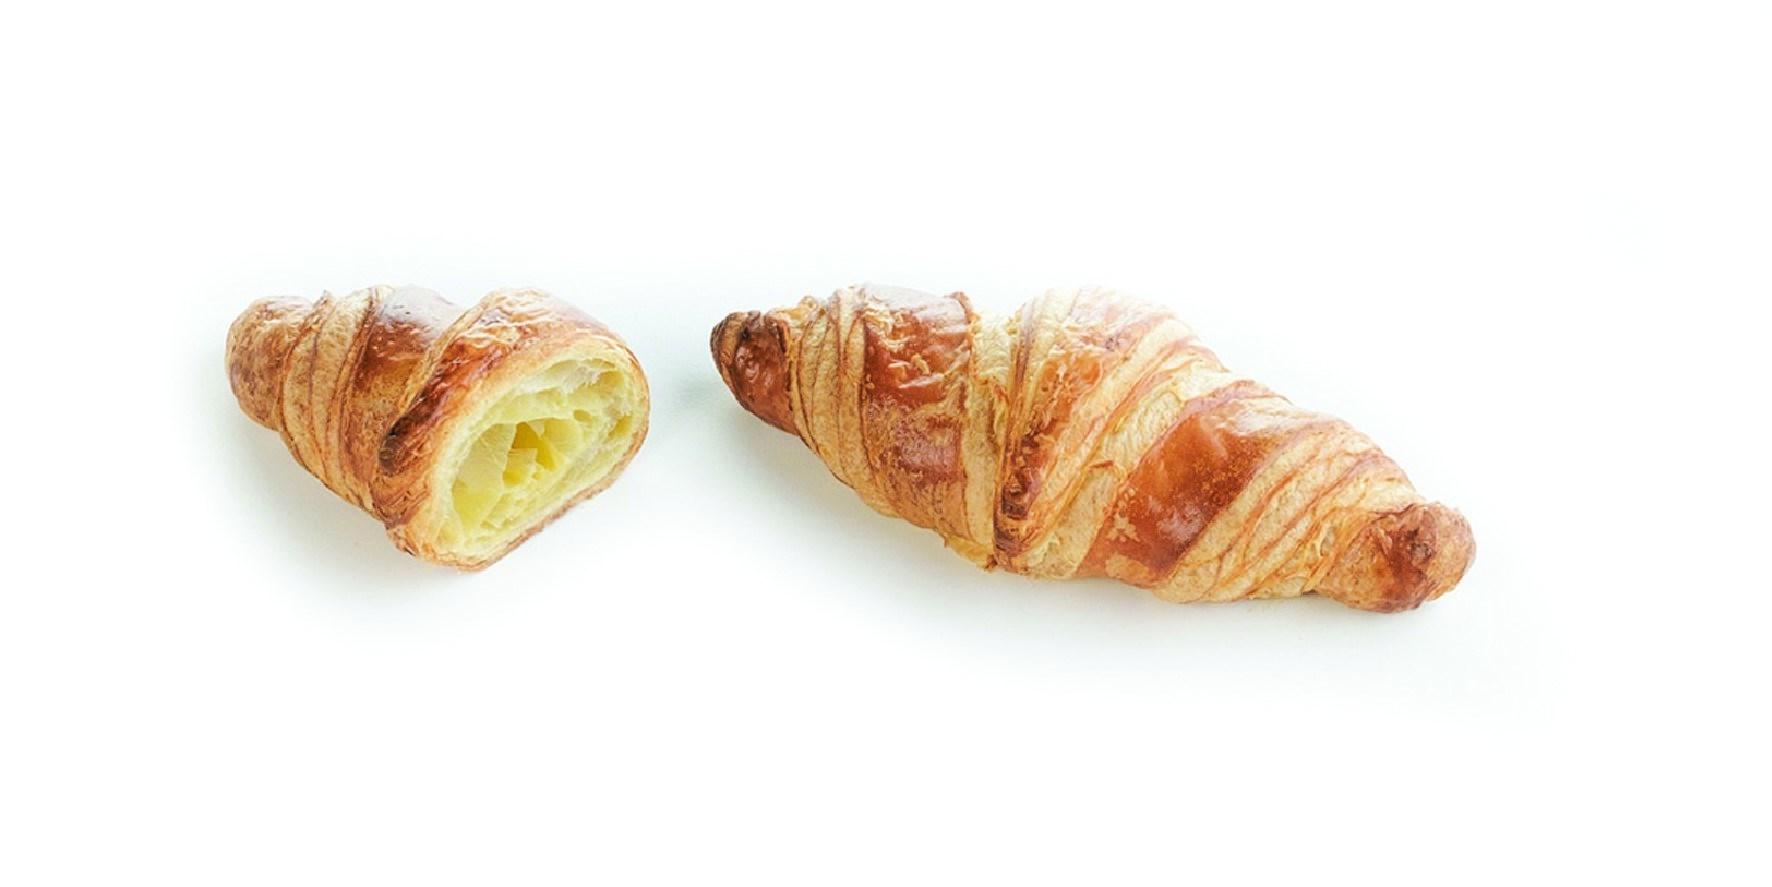 Productafbeelding Maxi Croissant au Beurre 75